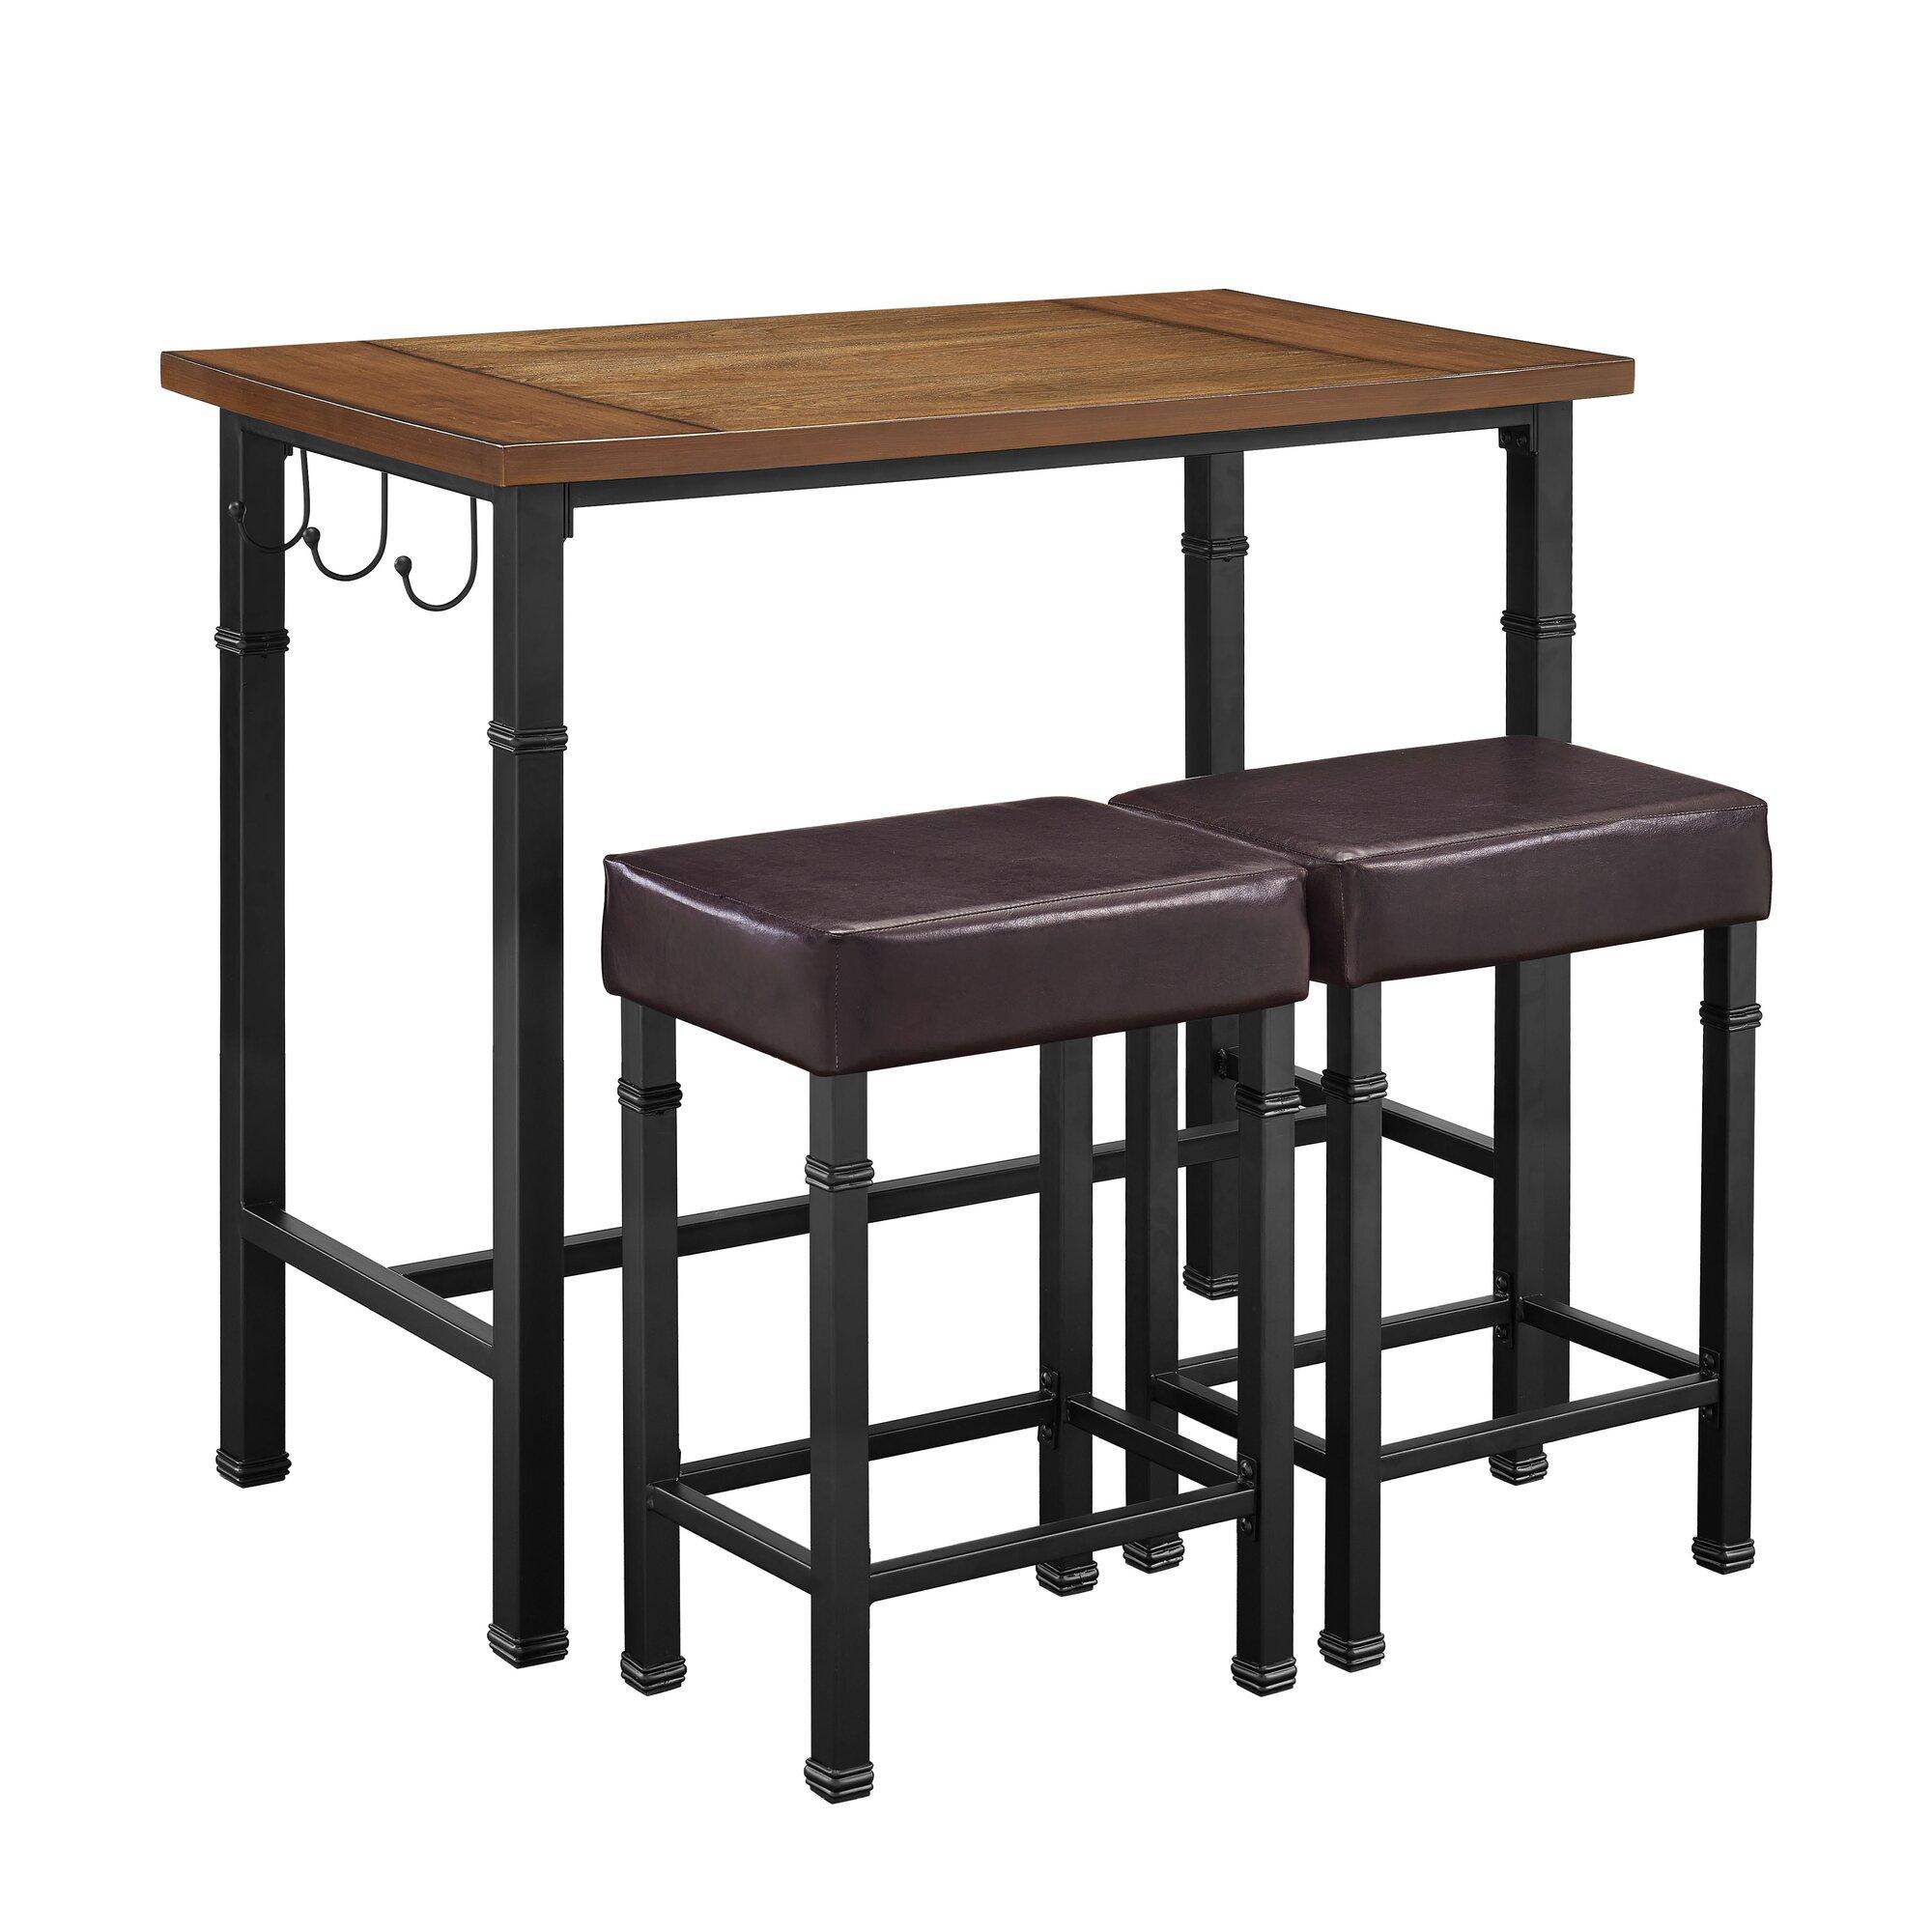 Laurel foundry modern farmhouse sevigny 3 piece pub table for Cie publication 85 table 2